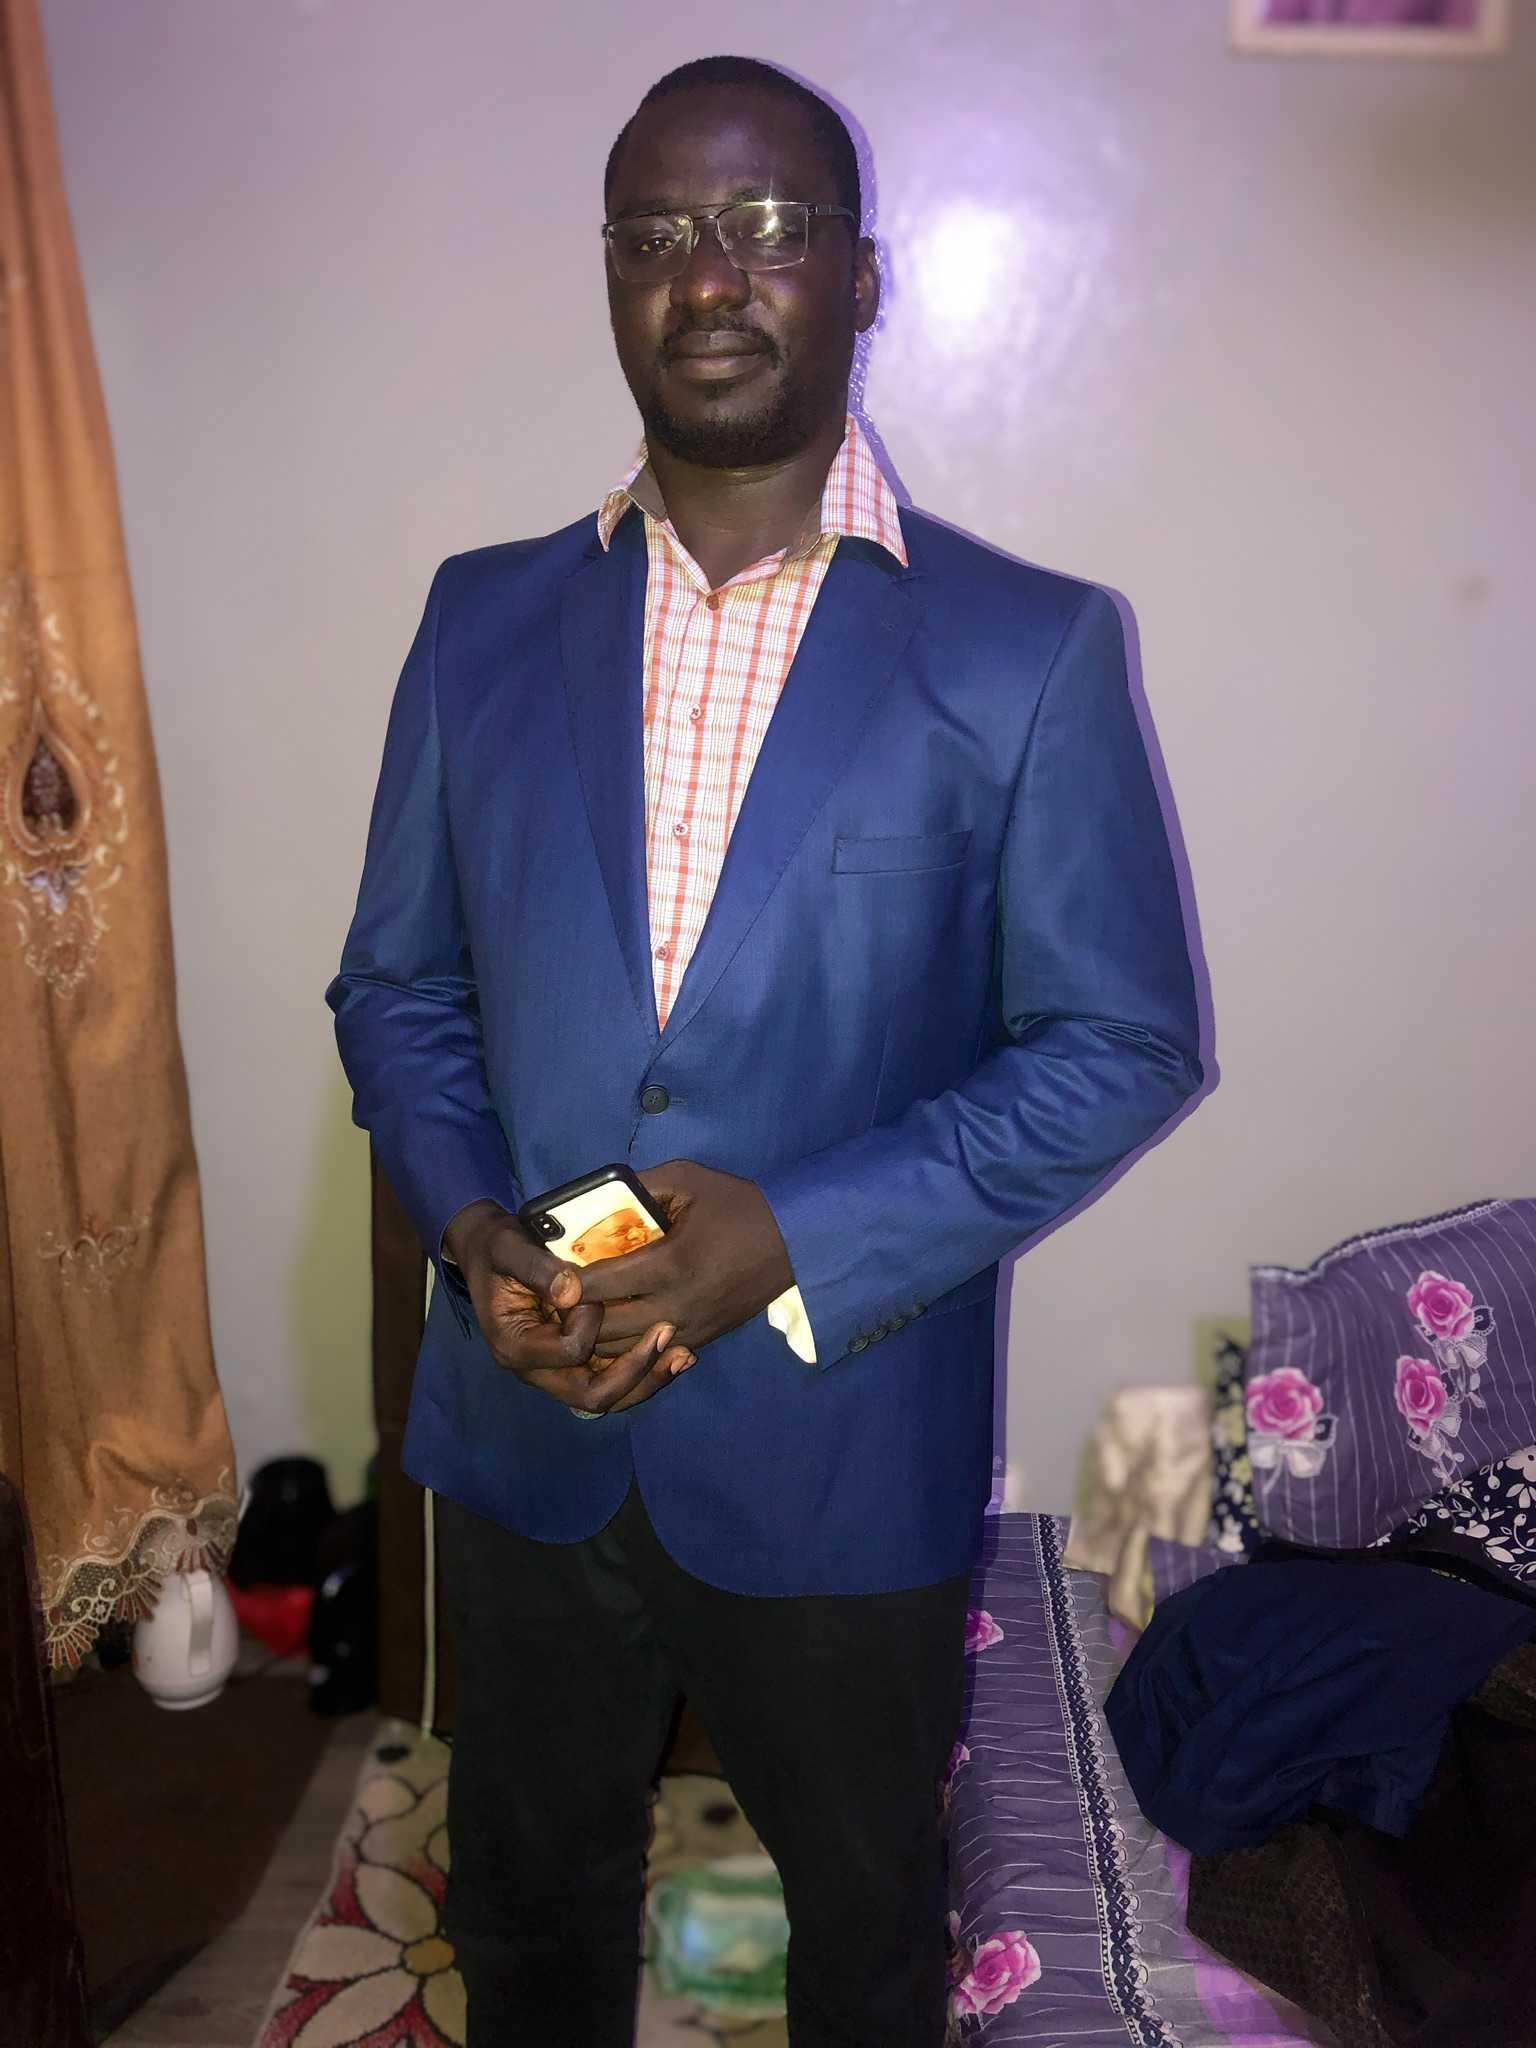 El Hadji Abdoulaye Niass Profile Picture